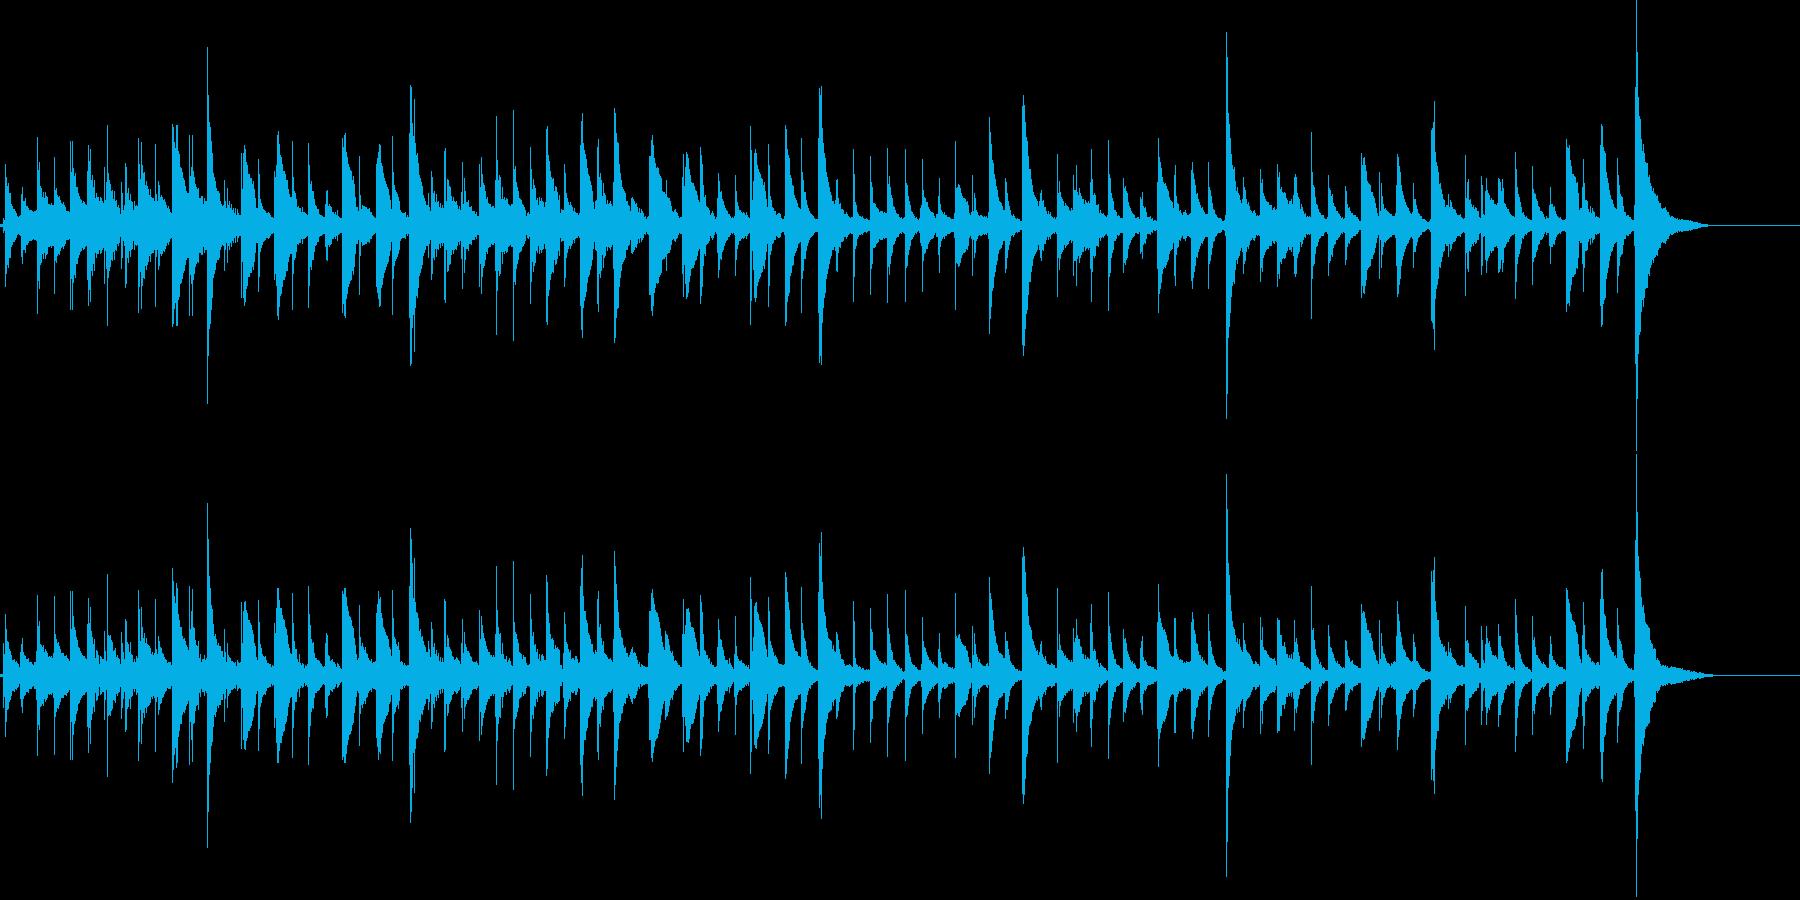 カリンバのやさしい音色とパーカッションの再生済みの波形